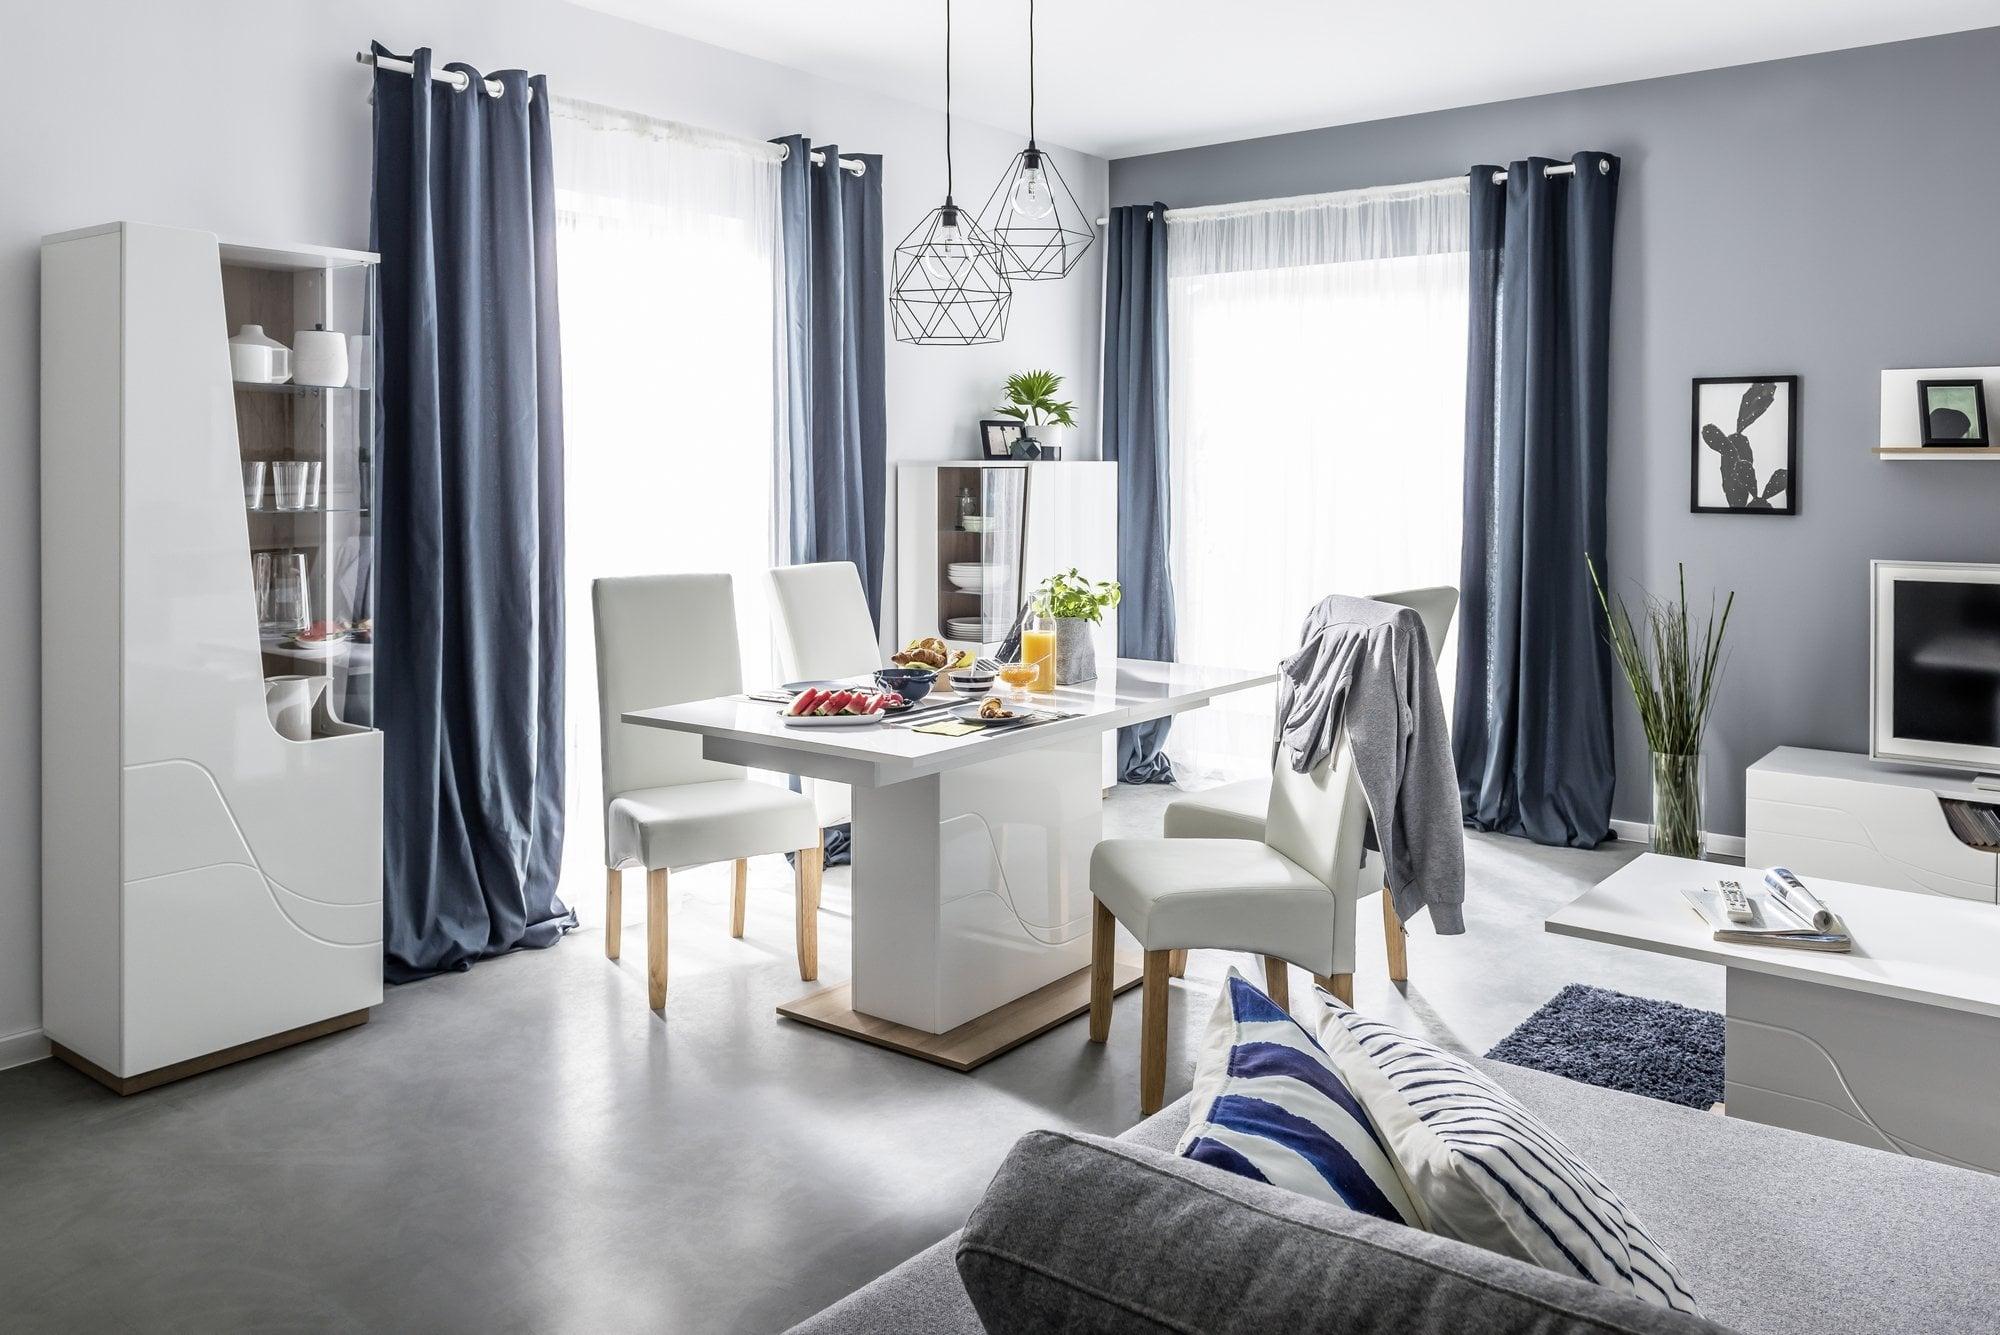 Home, Furniture & Diy Wardrobes New Msofas Maya Single Mirror Large White Wardrobe Living Bedroom Furniture